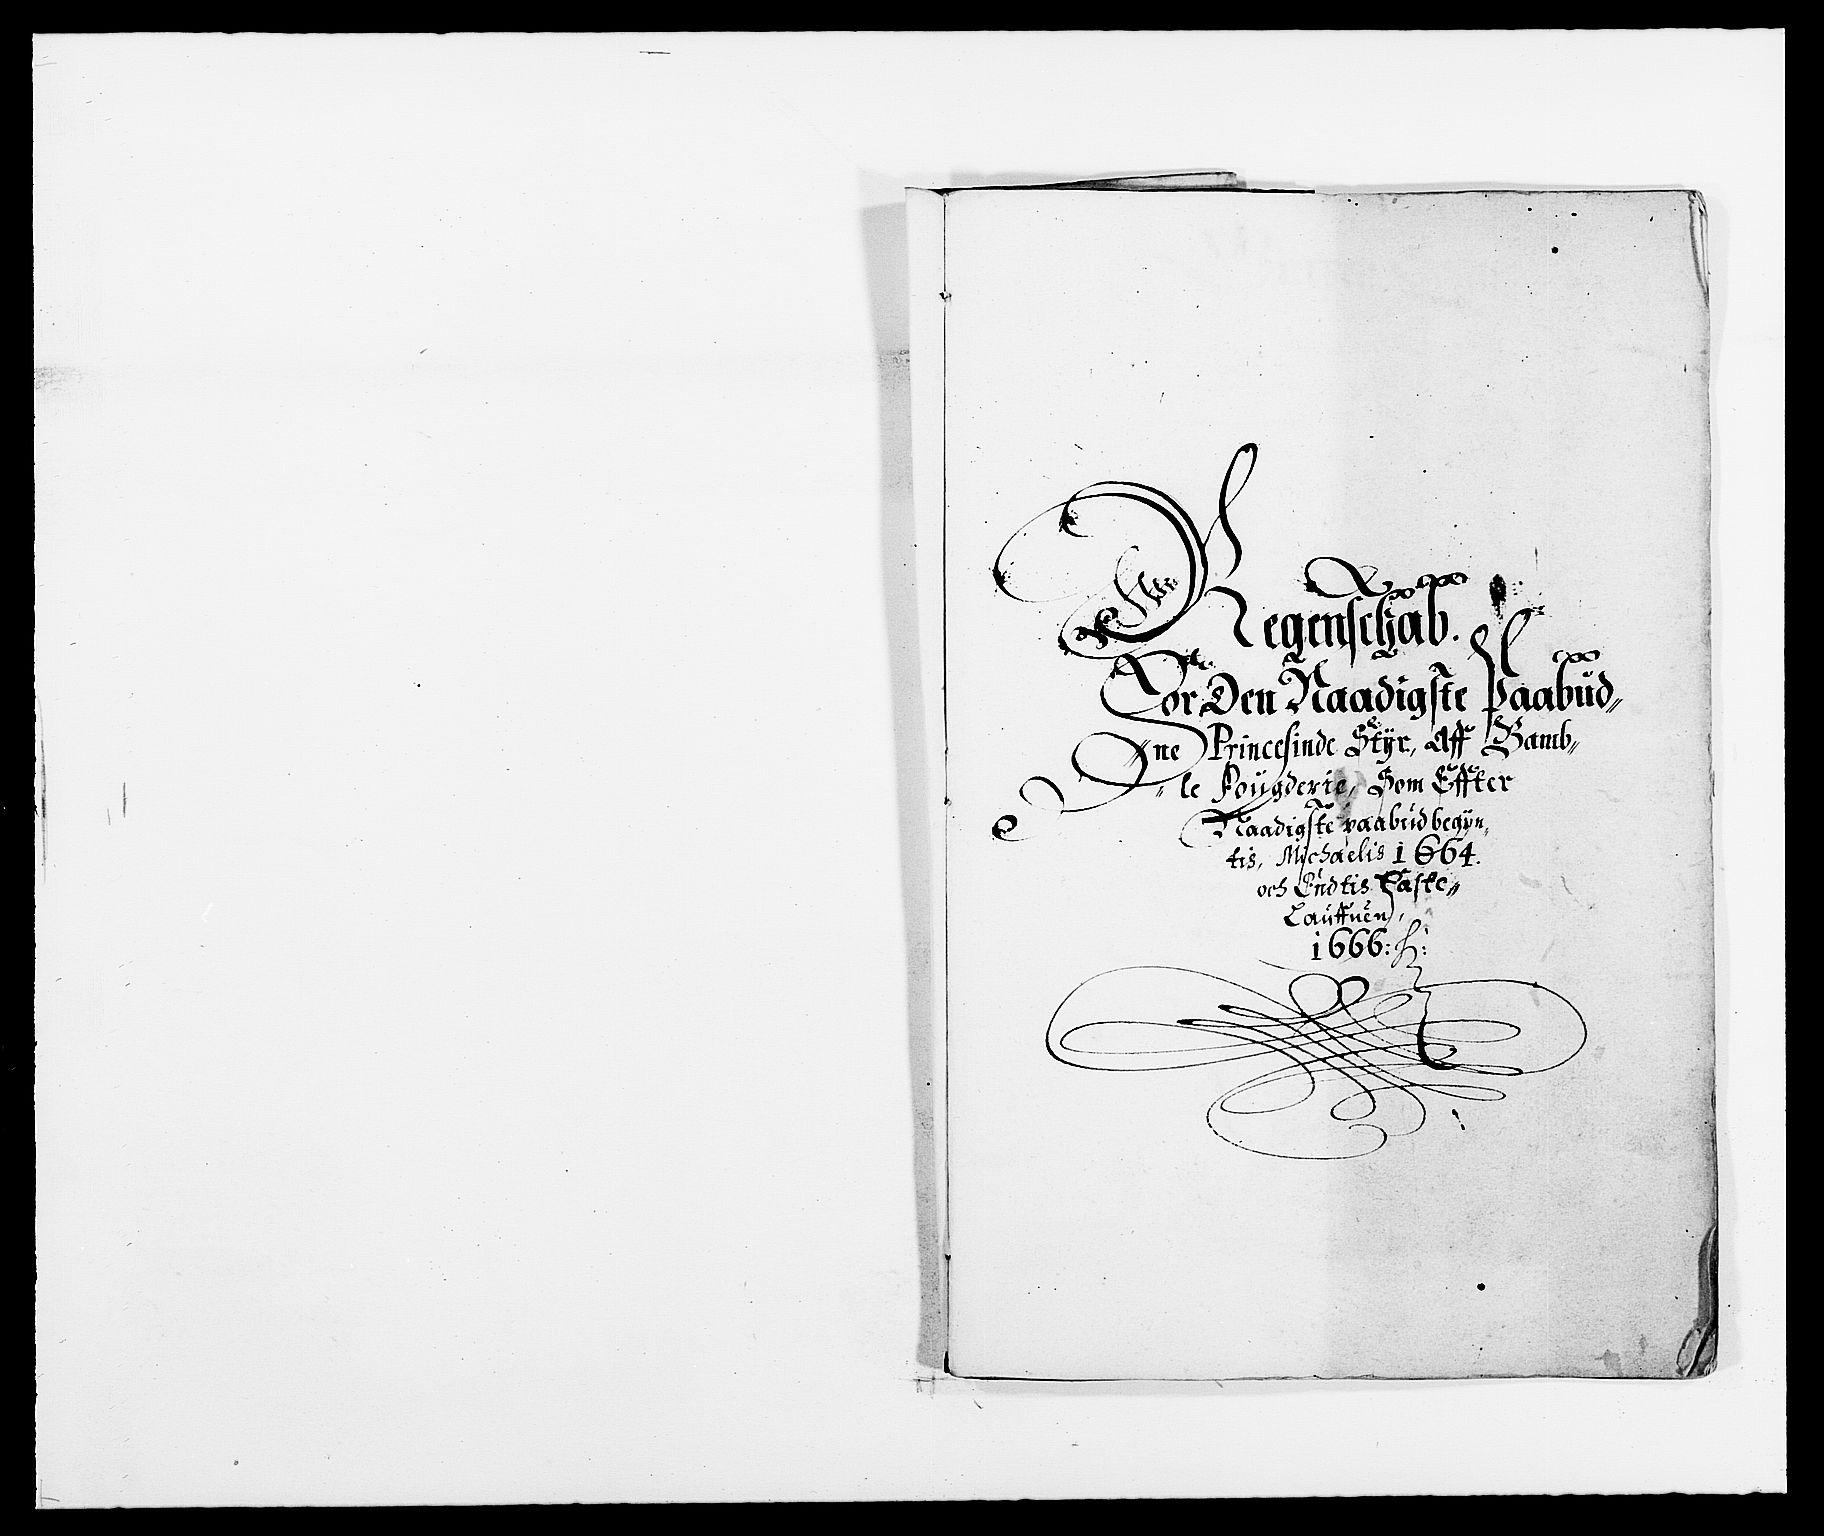 RA, Rentekammeret inntil 1814, Reviderte regnskaper, Fogderegnskap, R34/L2039: Fogderegnskap Bamble, 1662-1669, s. 147